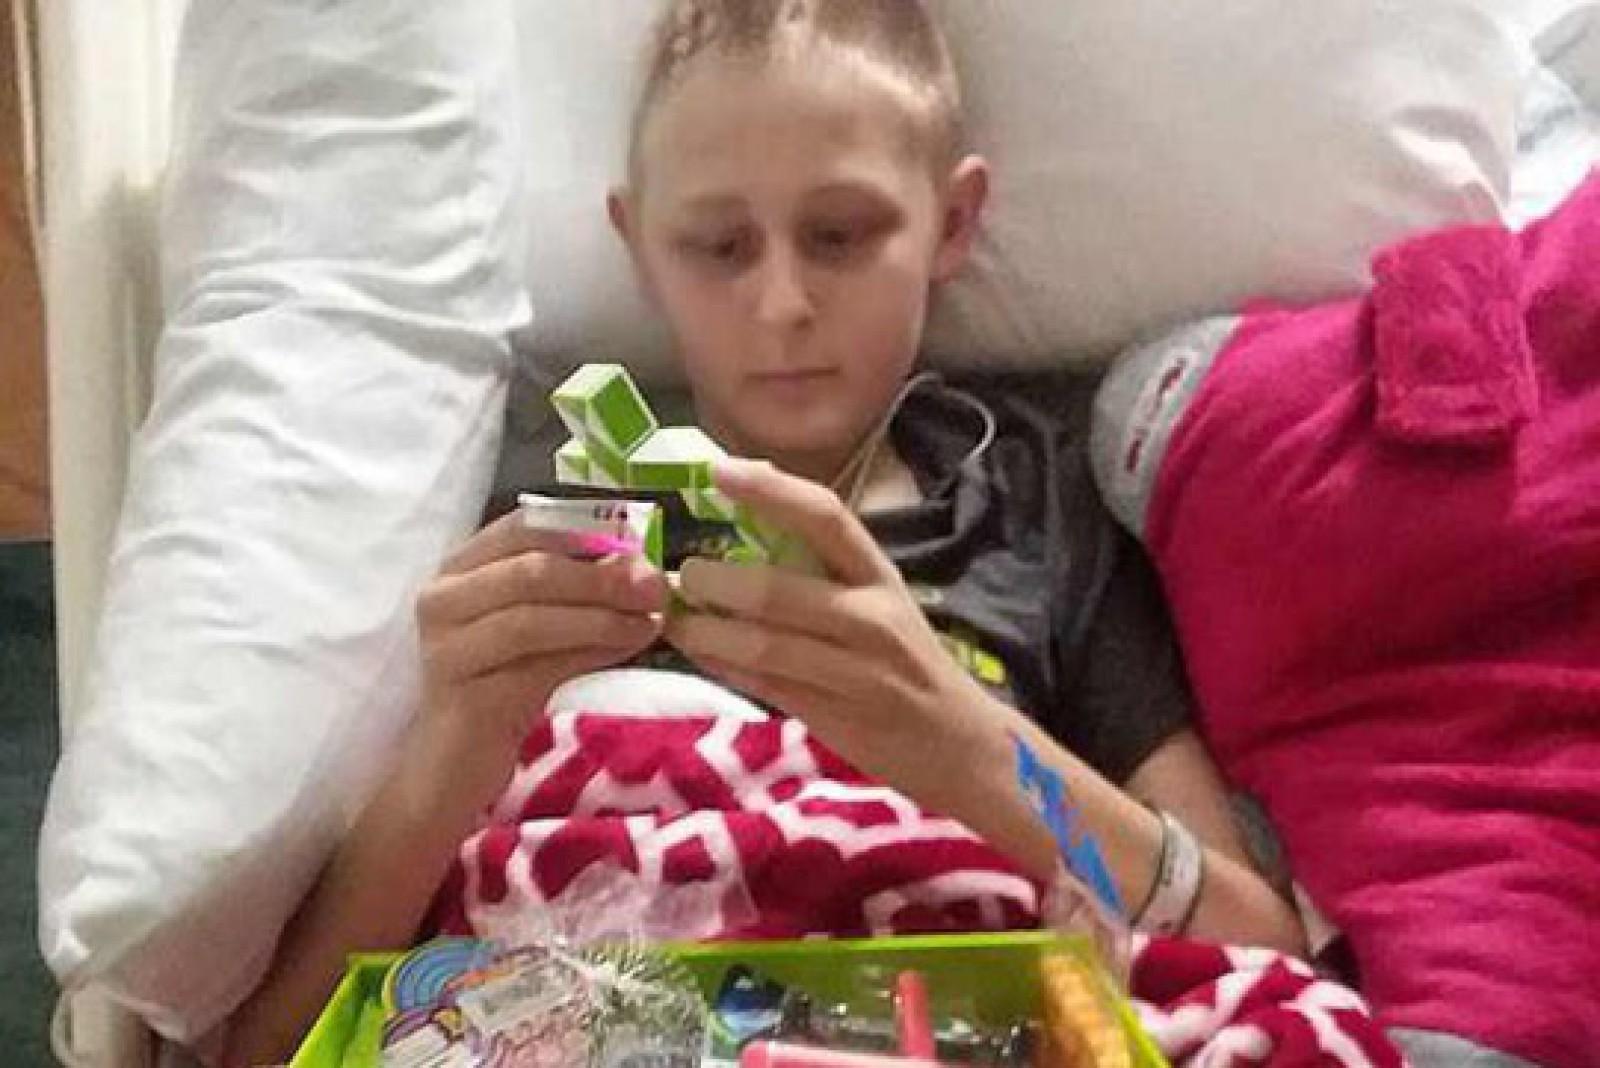 """Caz incredibil în SUA. Părinţii se pregăteau să îi doneze organele, dar el şi-a revenit în mod miraculos: """"A fost mort timp de 15 minute"""""""